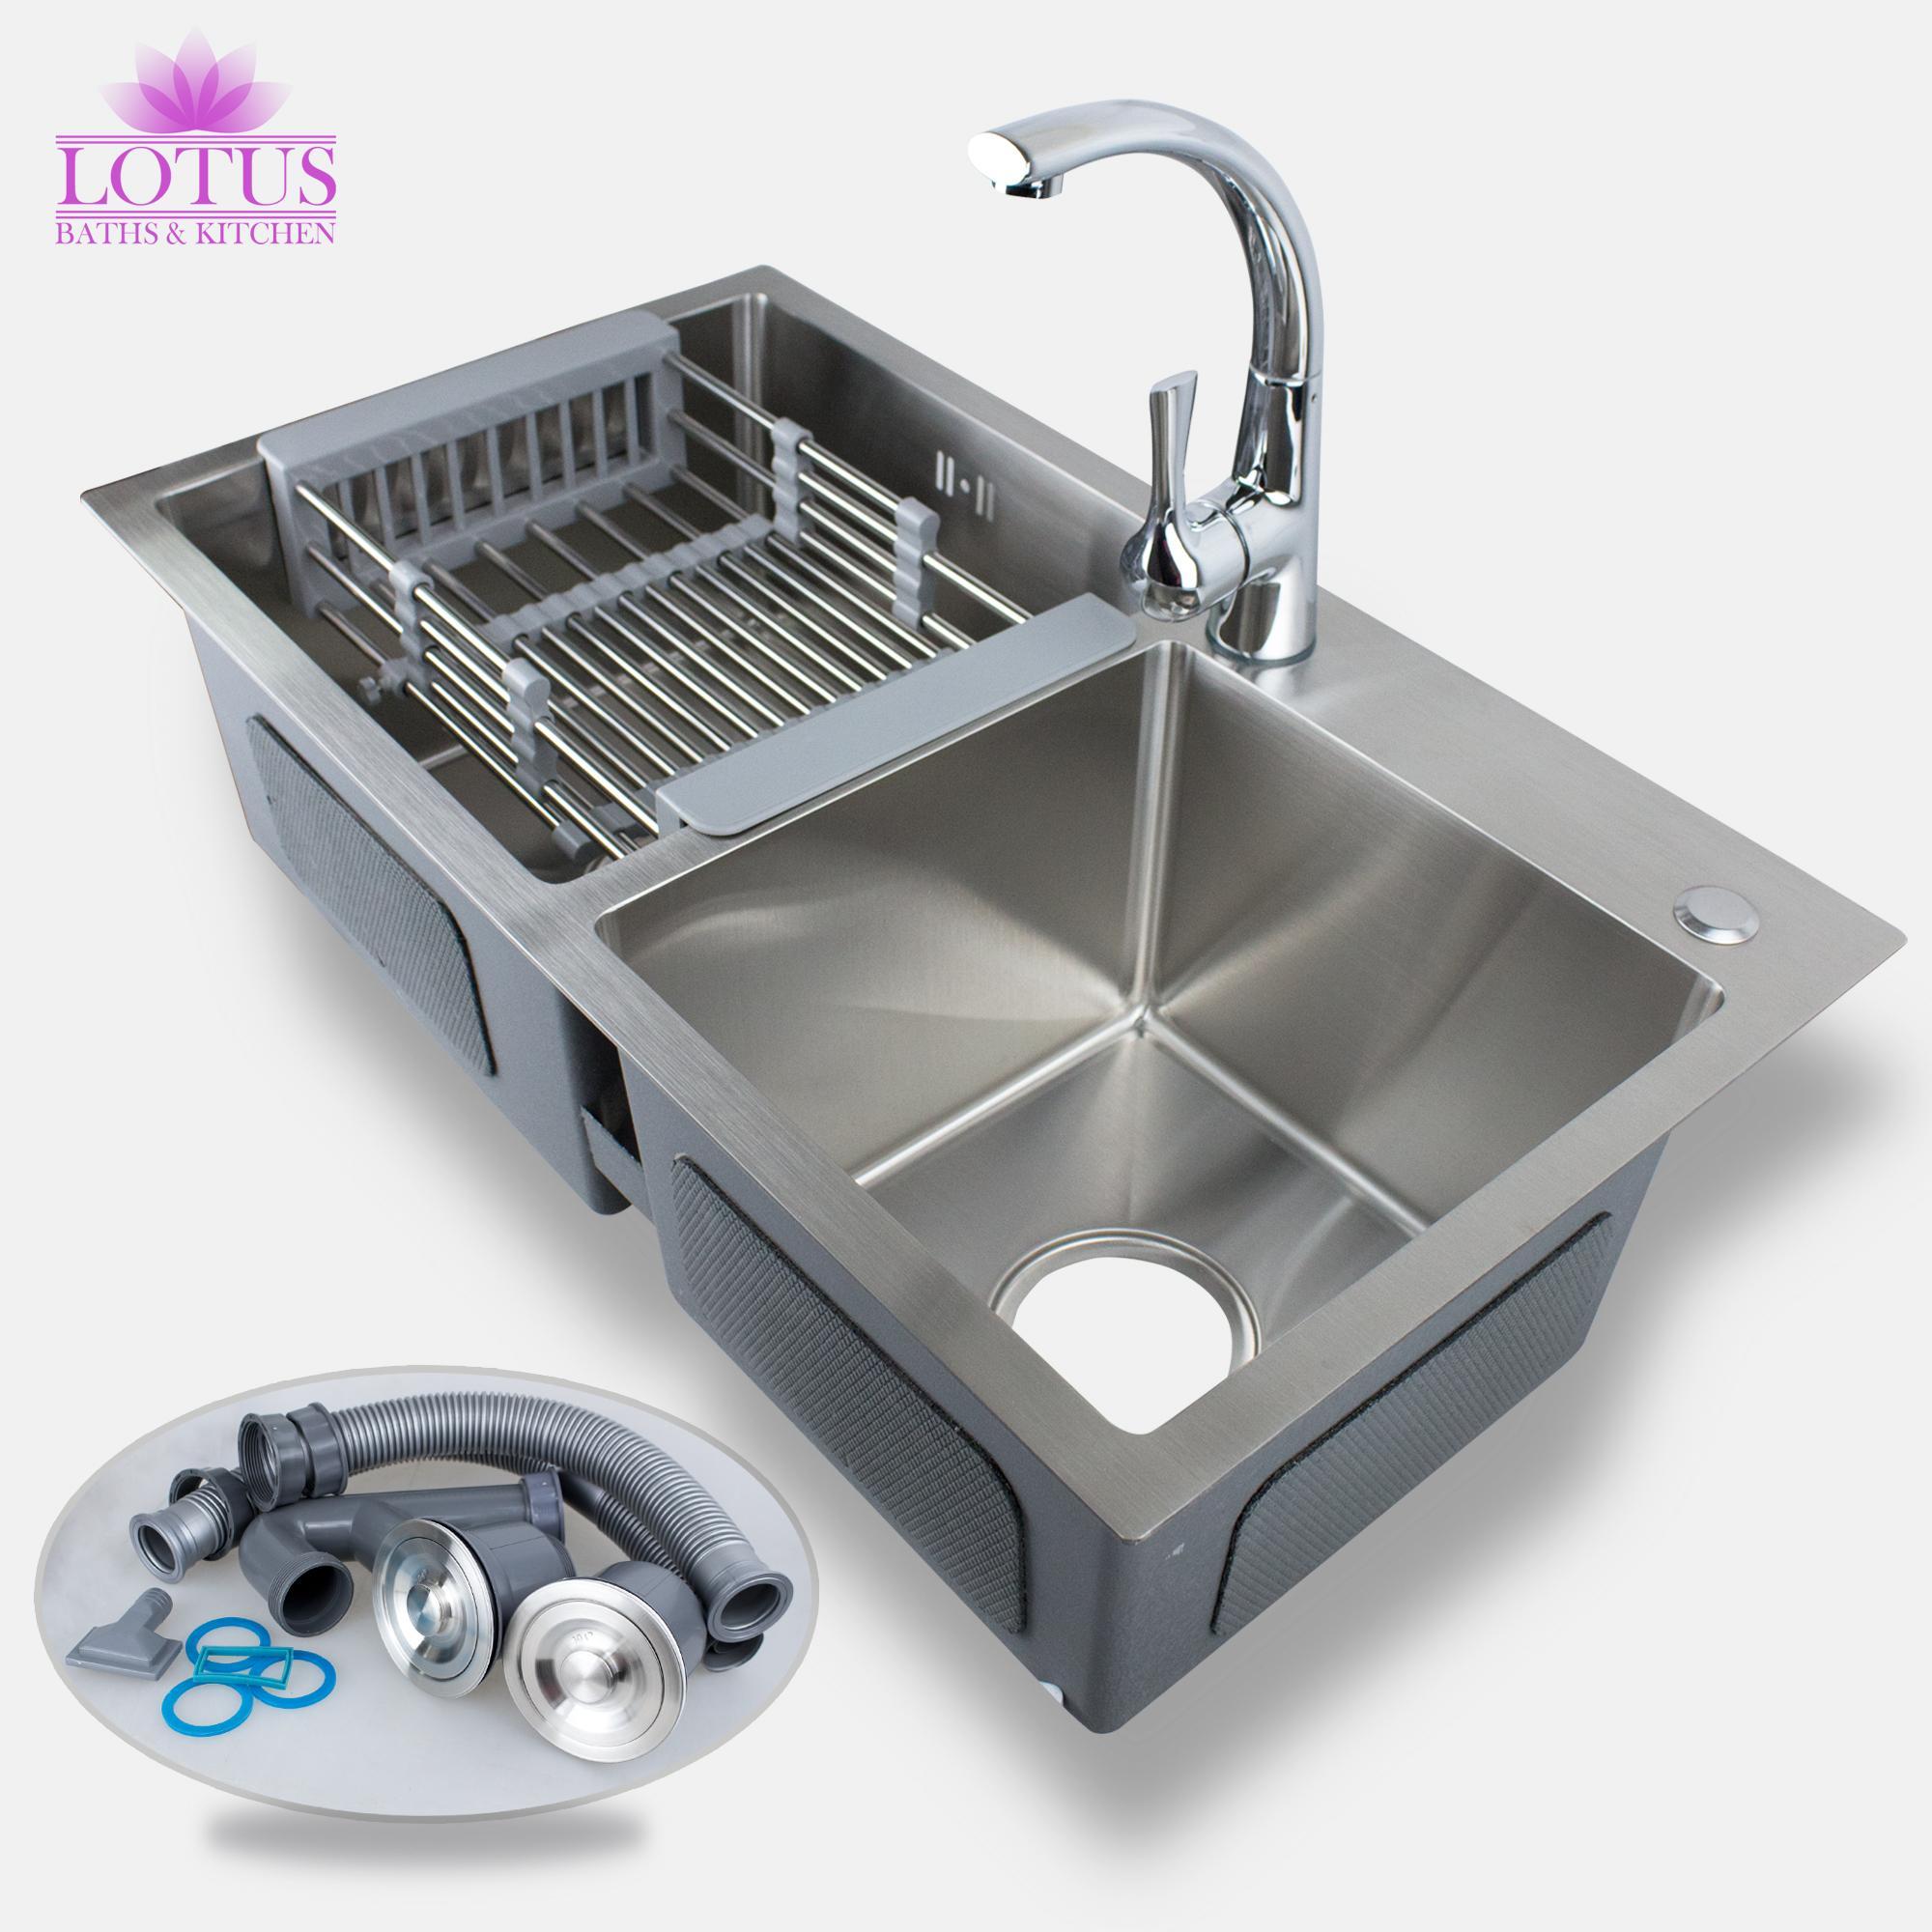 Black Kitchen Sink Malaysia: Kitchen Sink With Drainboard Philippines